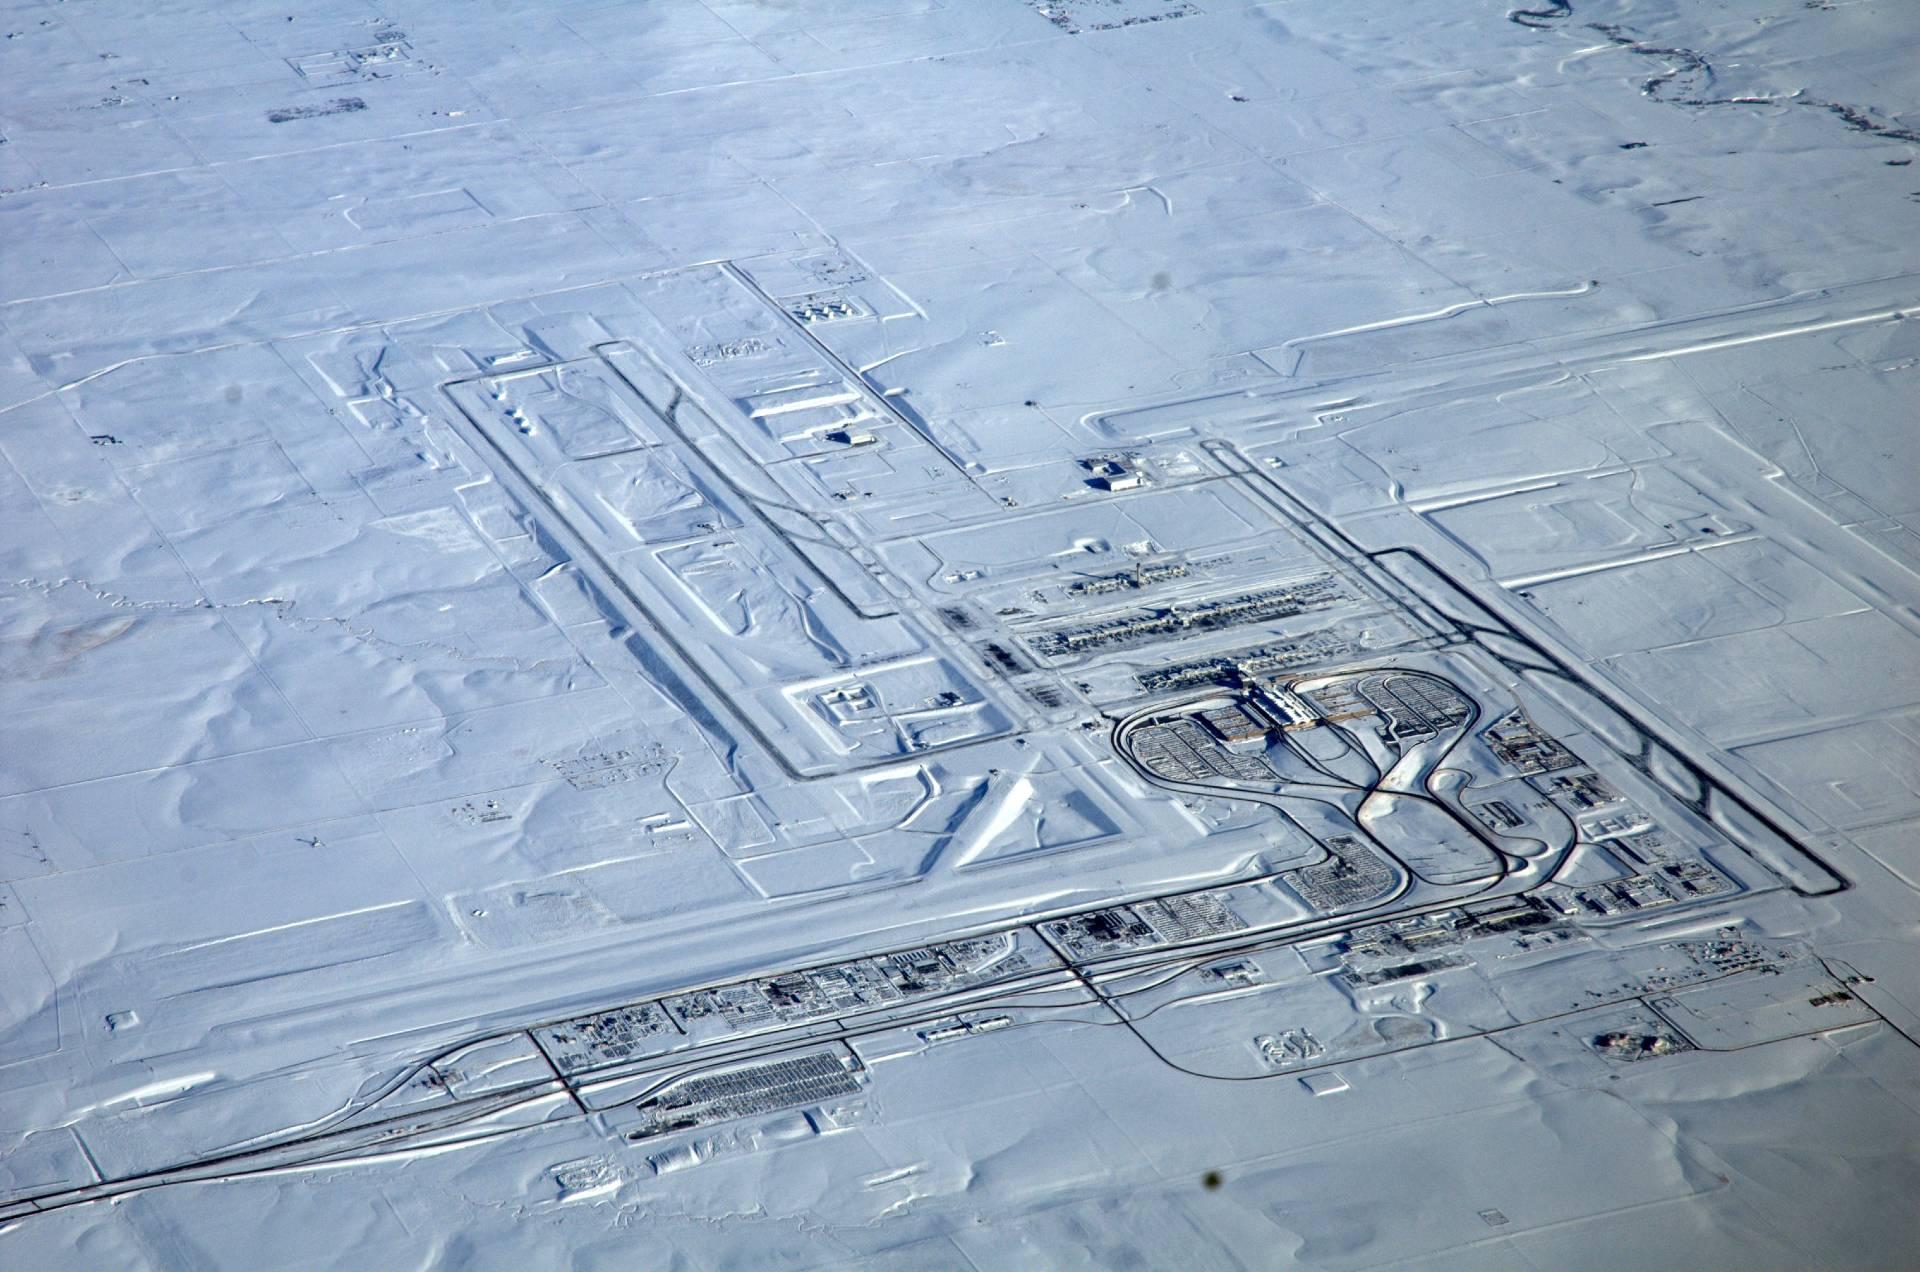 Aeropuerto Internacional de Denver, Estados Unidos, el segundo más grande del mundo.